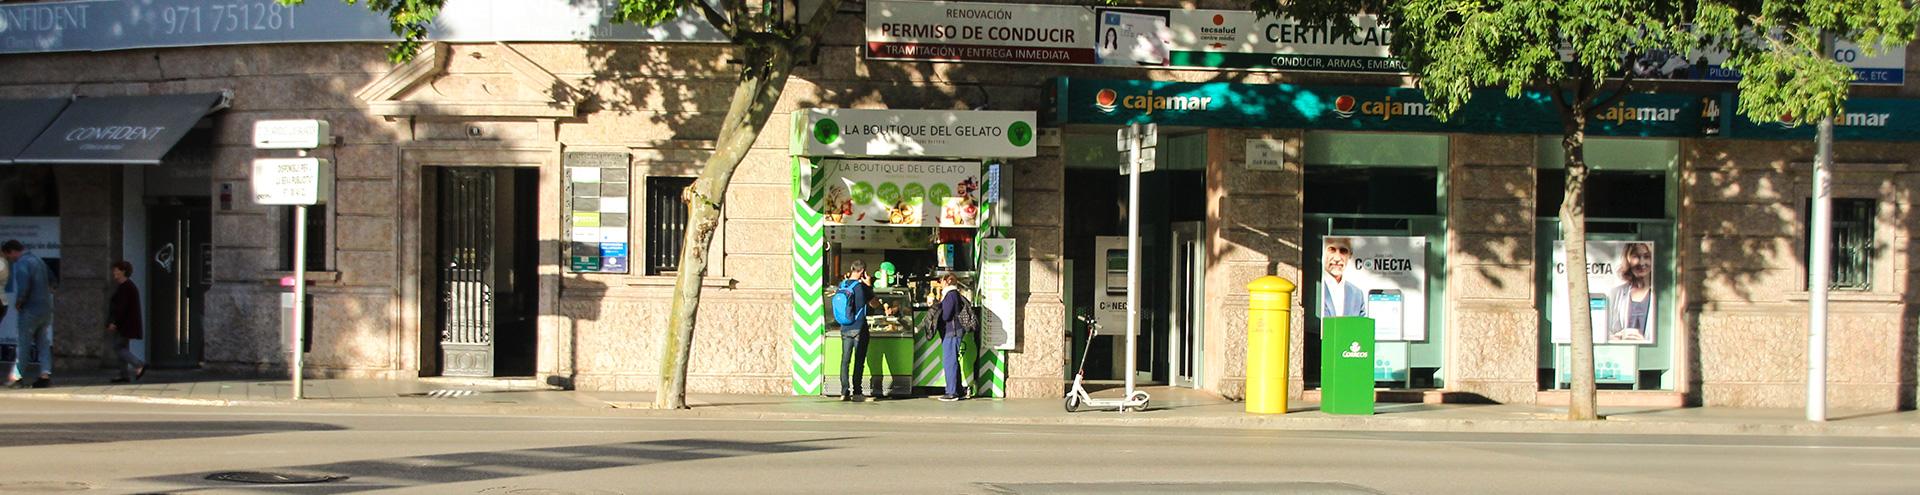 La Boutique del Gelato Avenidas